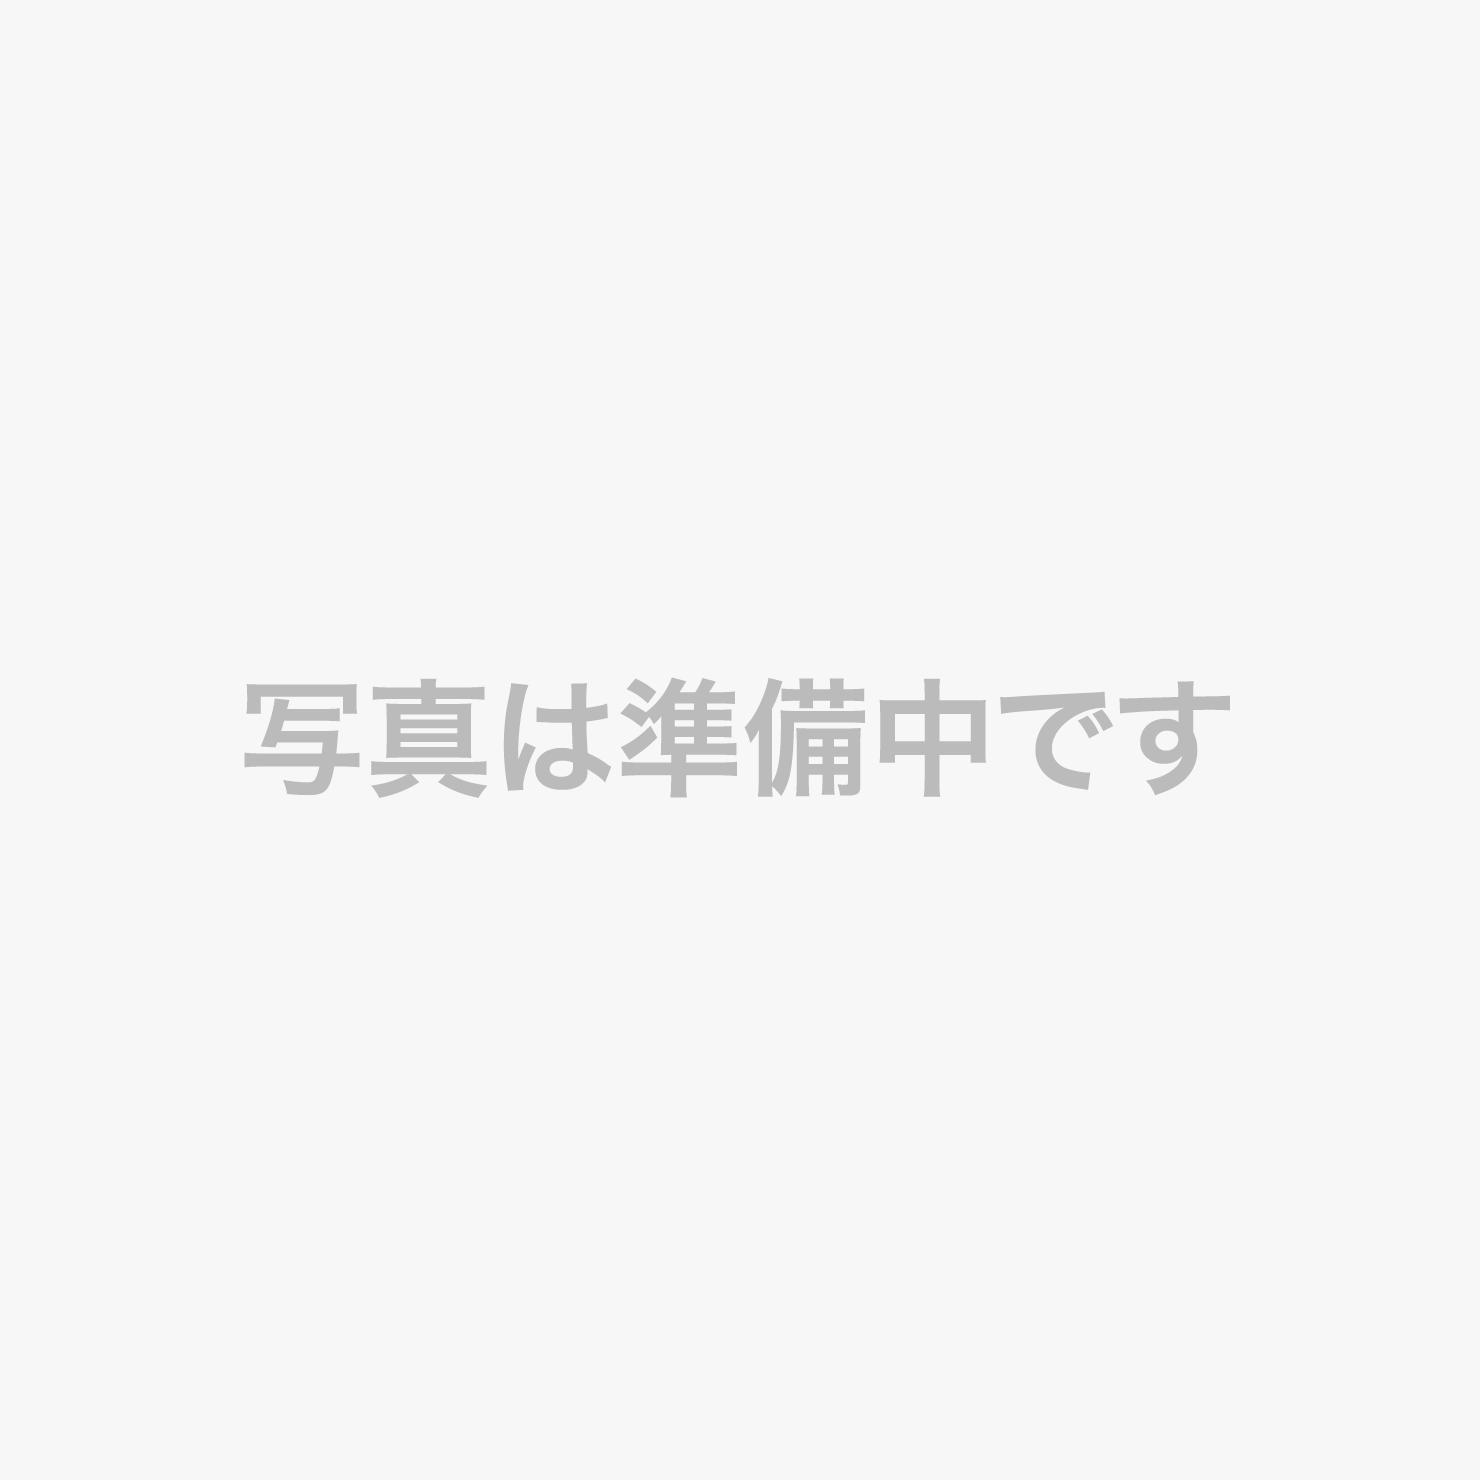 五感で味わう『四季懐石』旬の食材をご堪能下さい(9/1から11/30までの料理イメージ)